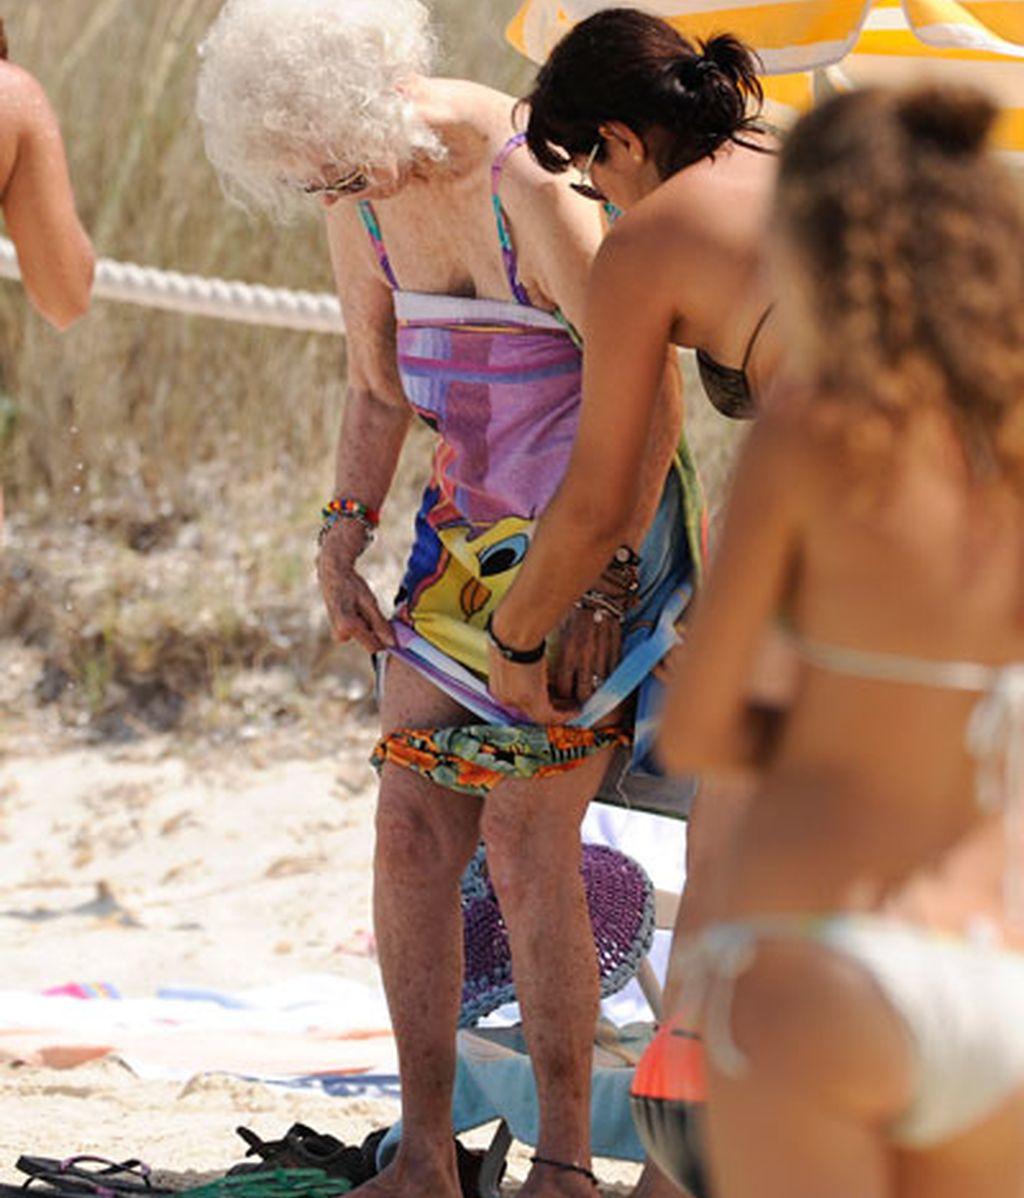 La duquesa de Alba se cambia de biquini en plena playa